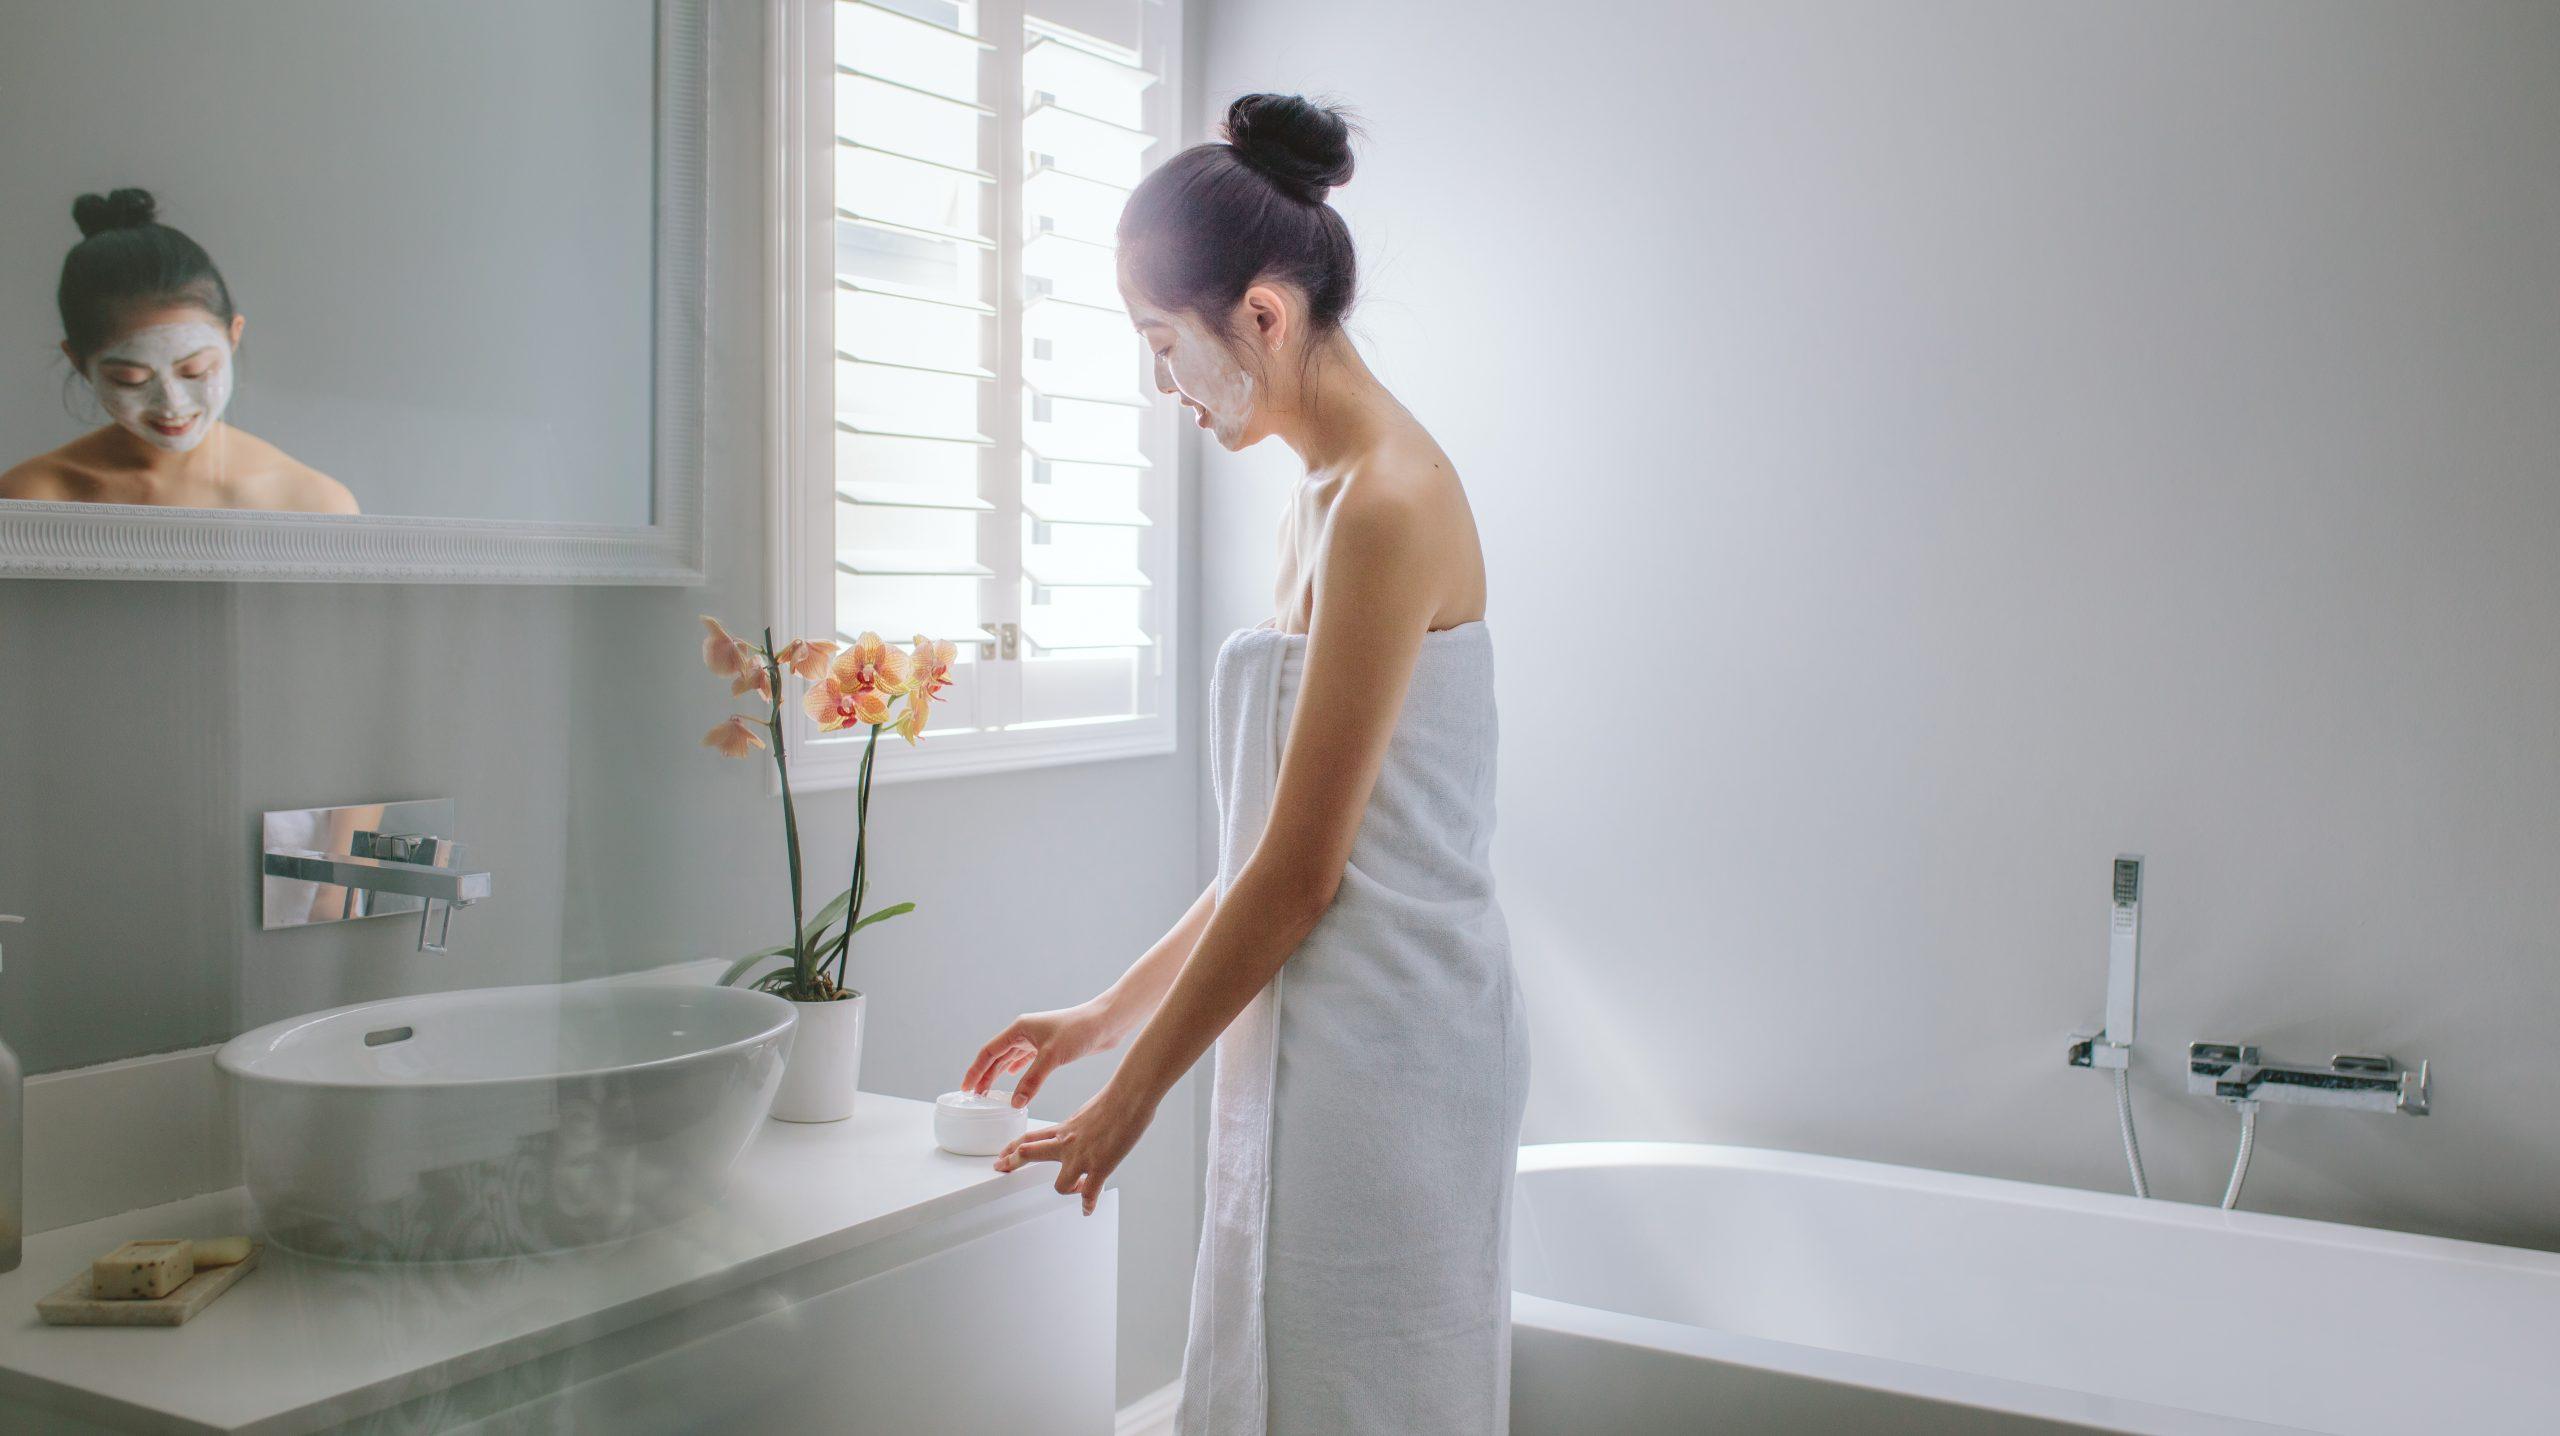 Eine junge in ein Handtuch gehüllte Frau wendet eine Gesichtscreme an